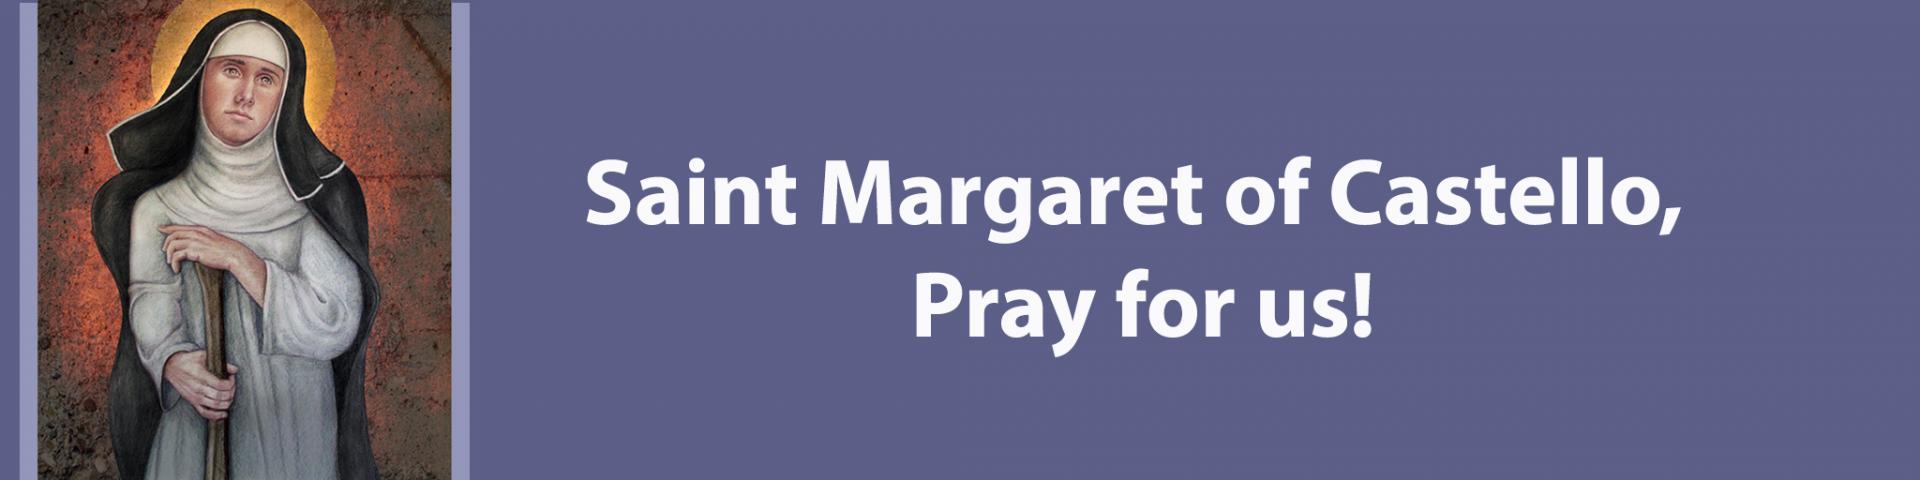 Saint Margaret of Castello